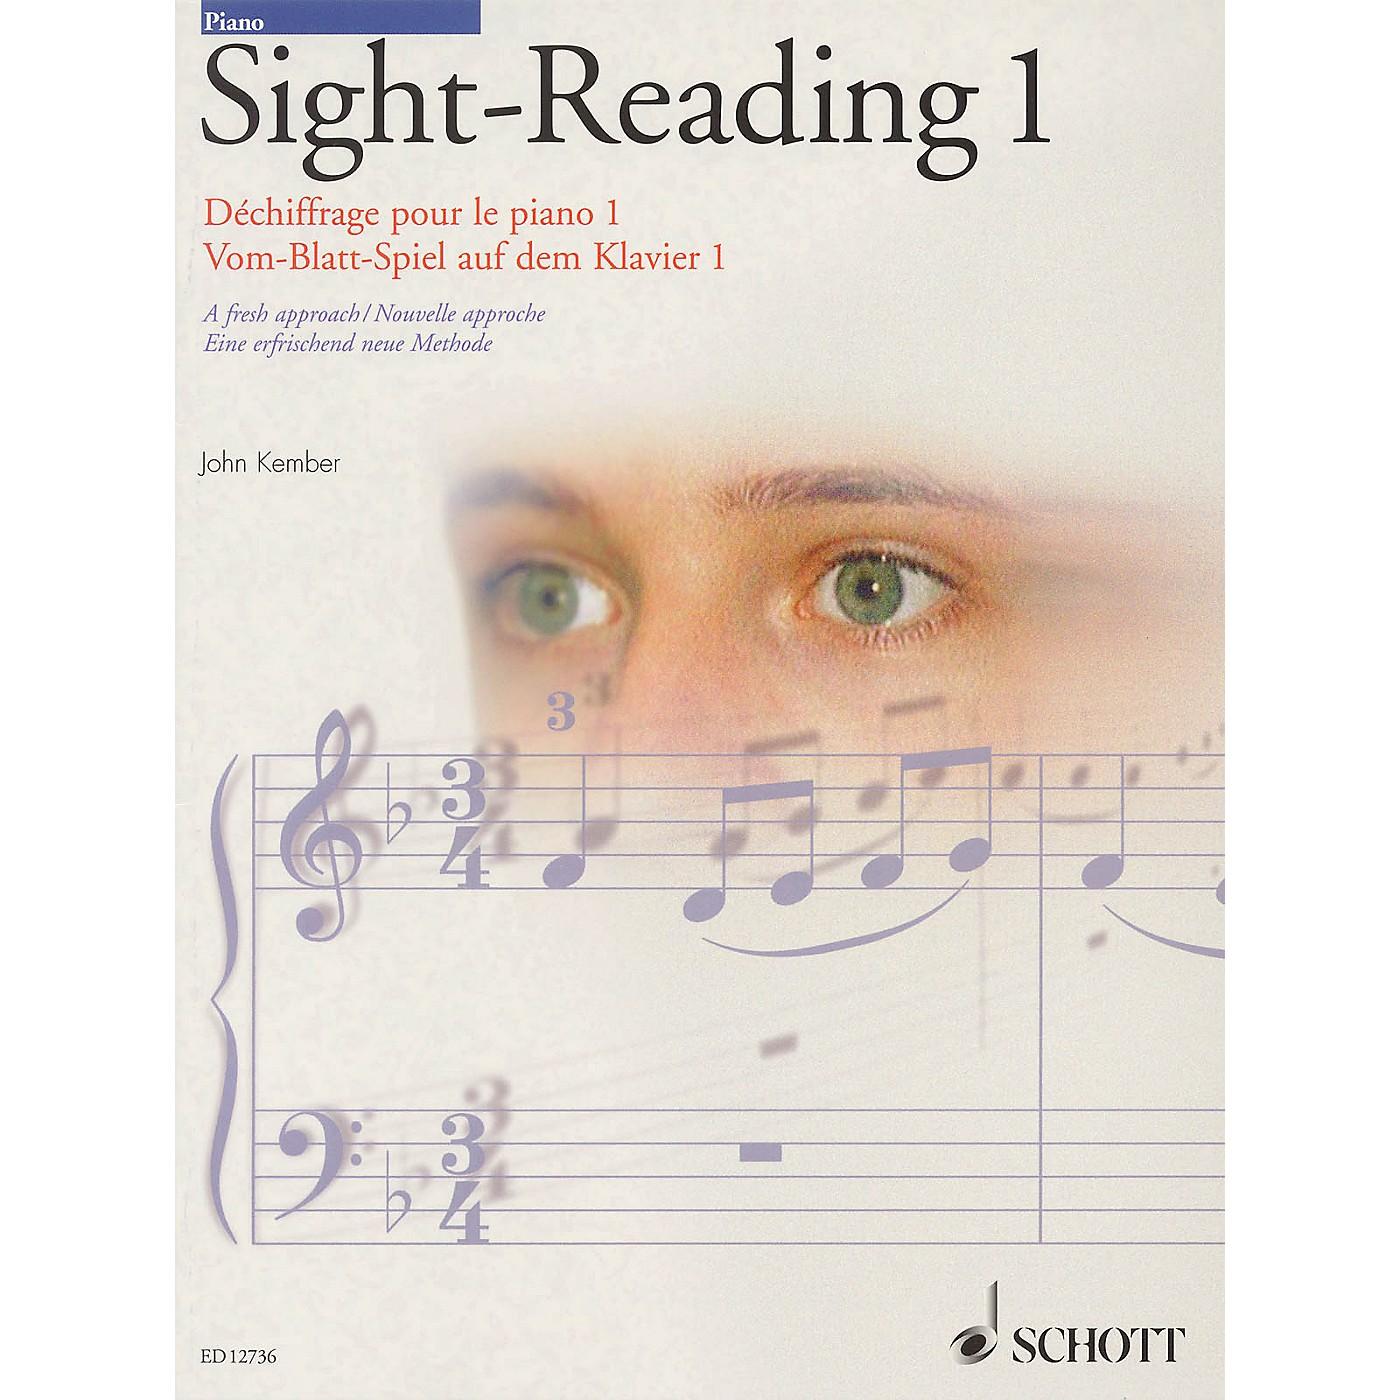 Schott John Kember - Piano Sight-Reading - Volume 1 (A Fresh Approach) Schott Series thumbnail